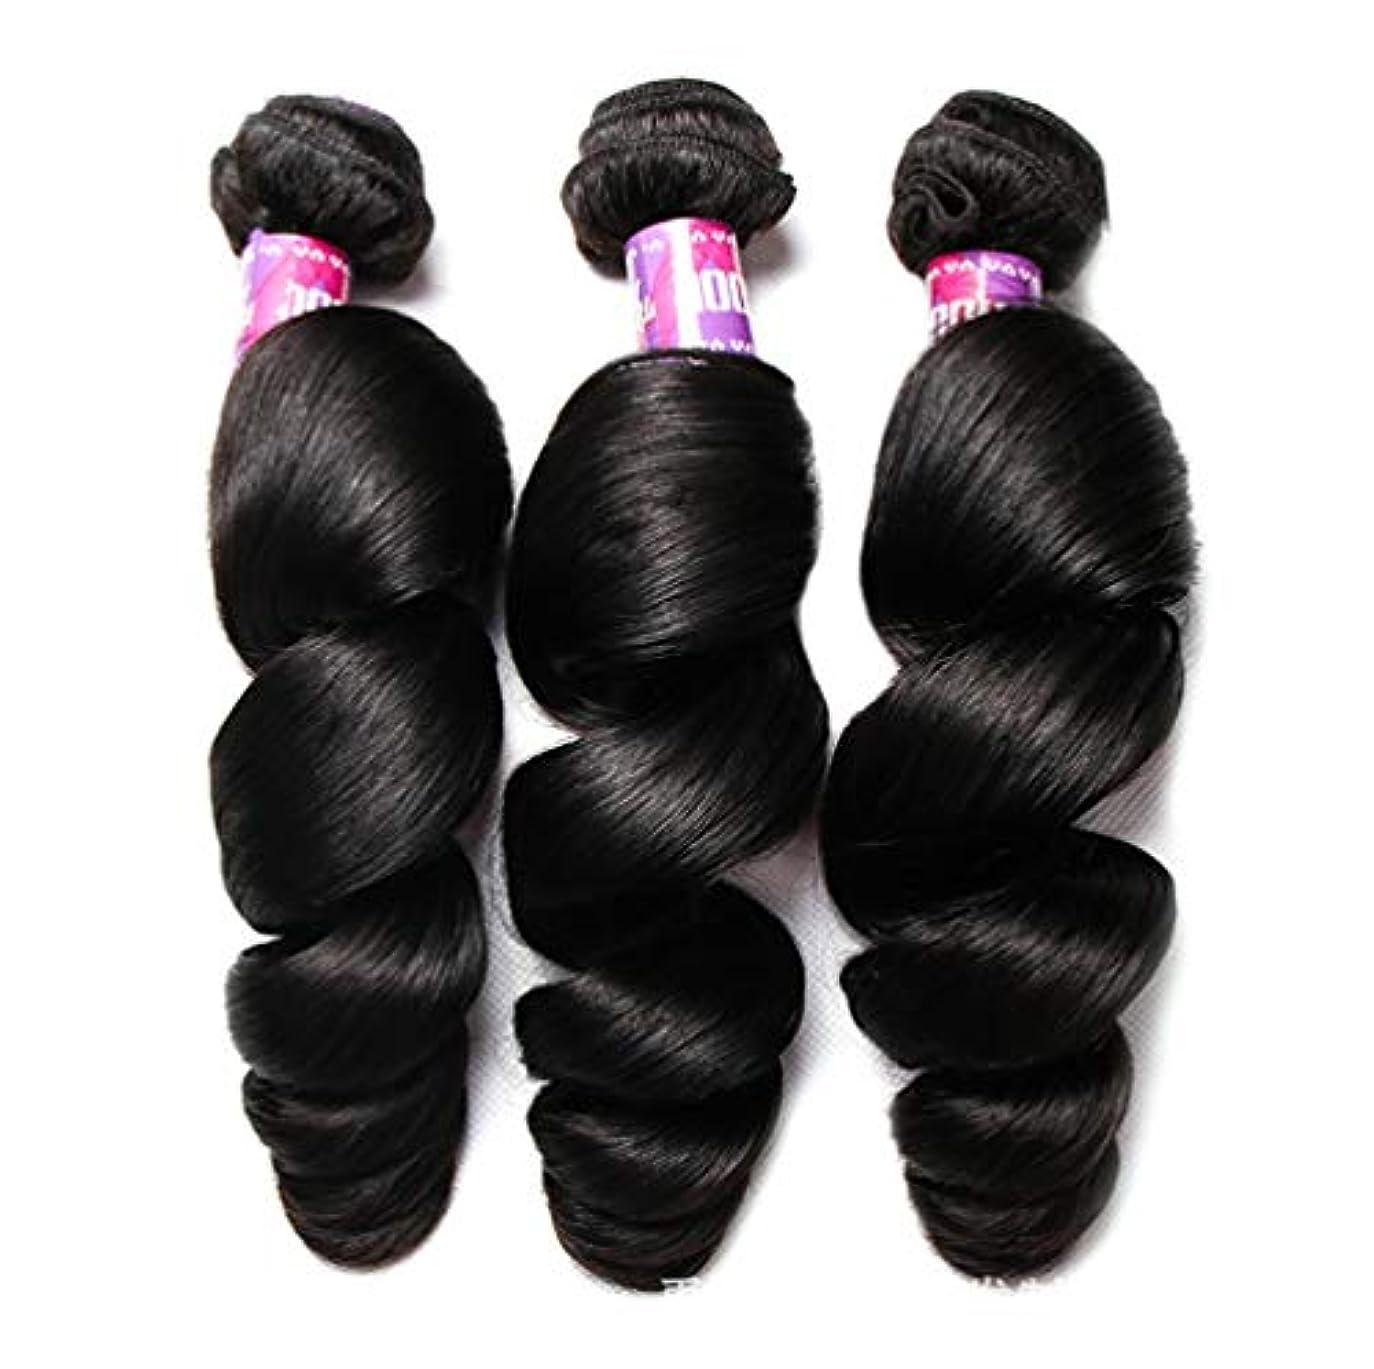 殺す食い違い寄り添うブラジルのボディウェーブの毛100%Remyの人間の毛髪の織り方延長未処理のバージンのブラジルの毛(3束)